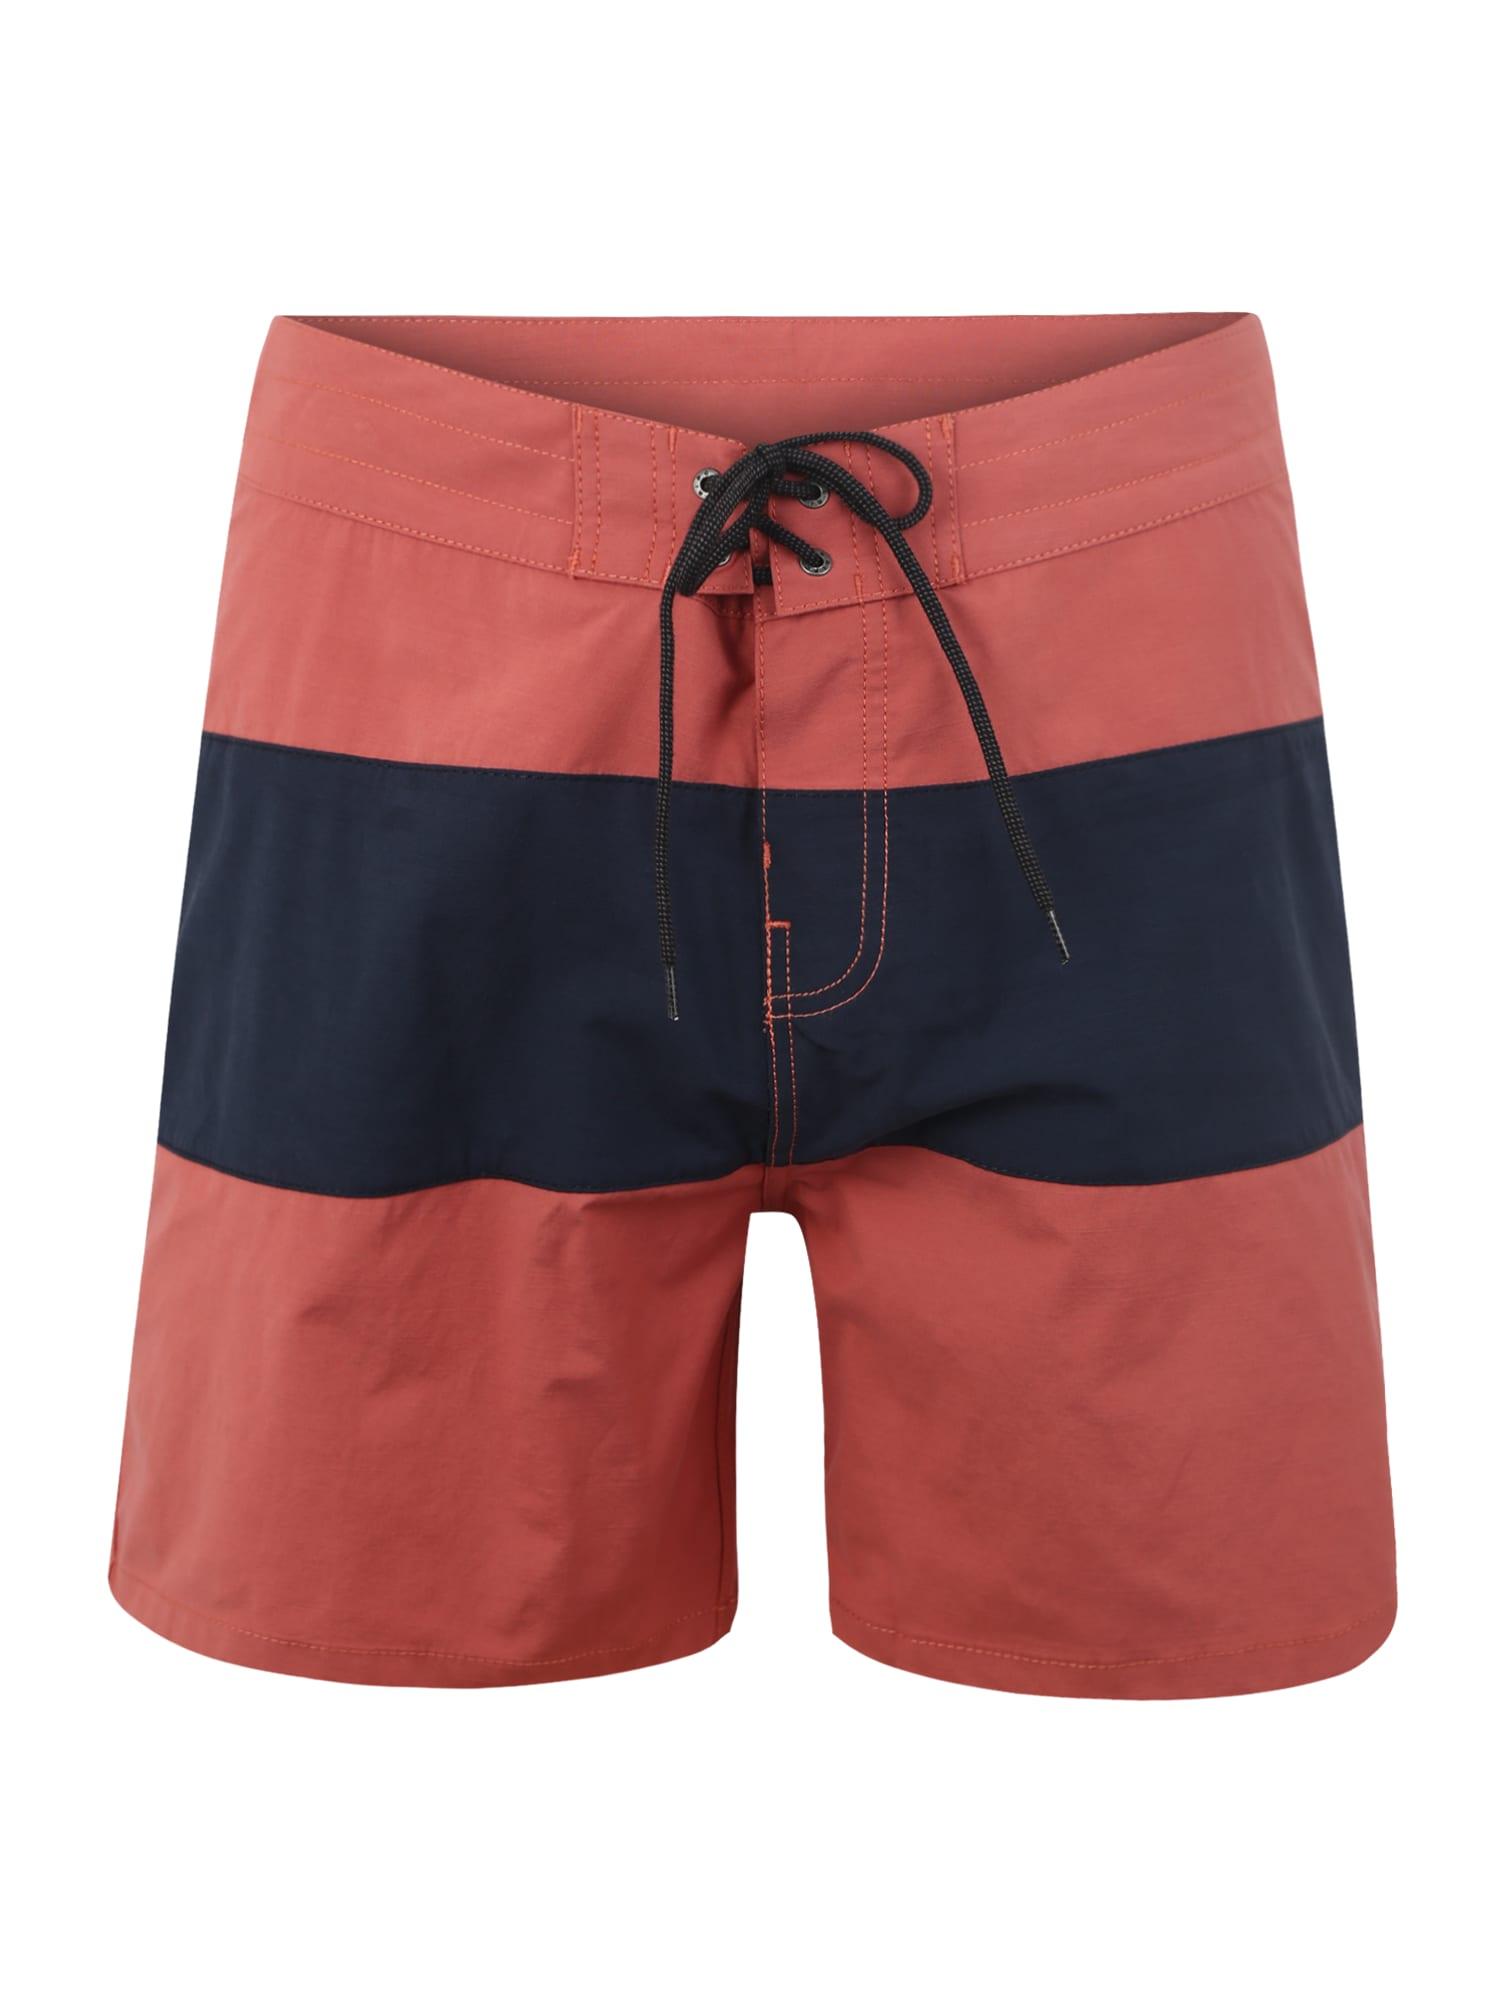 Plavecké šortky RETRO PANELED 17 modrá červená RIP CURL